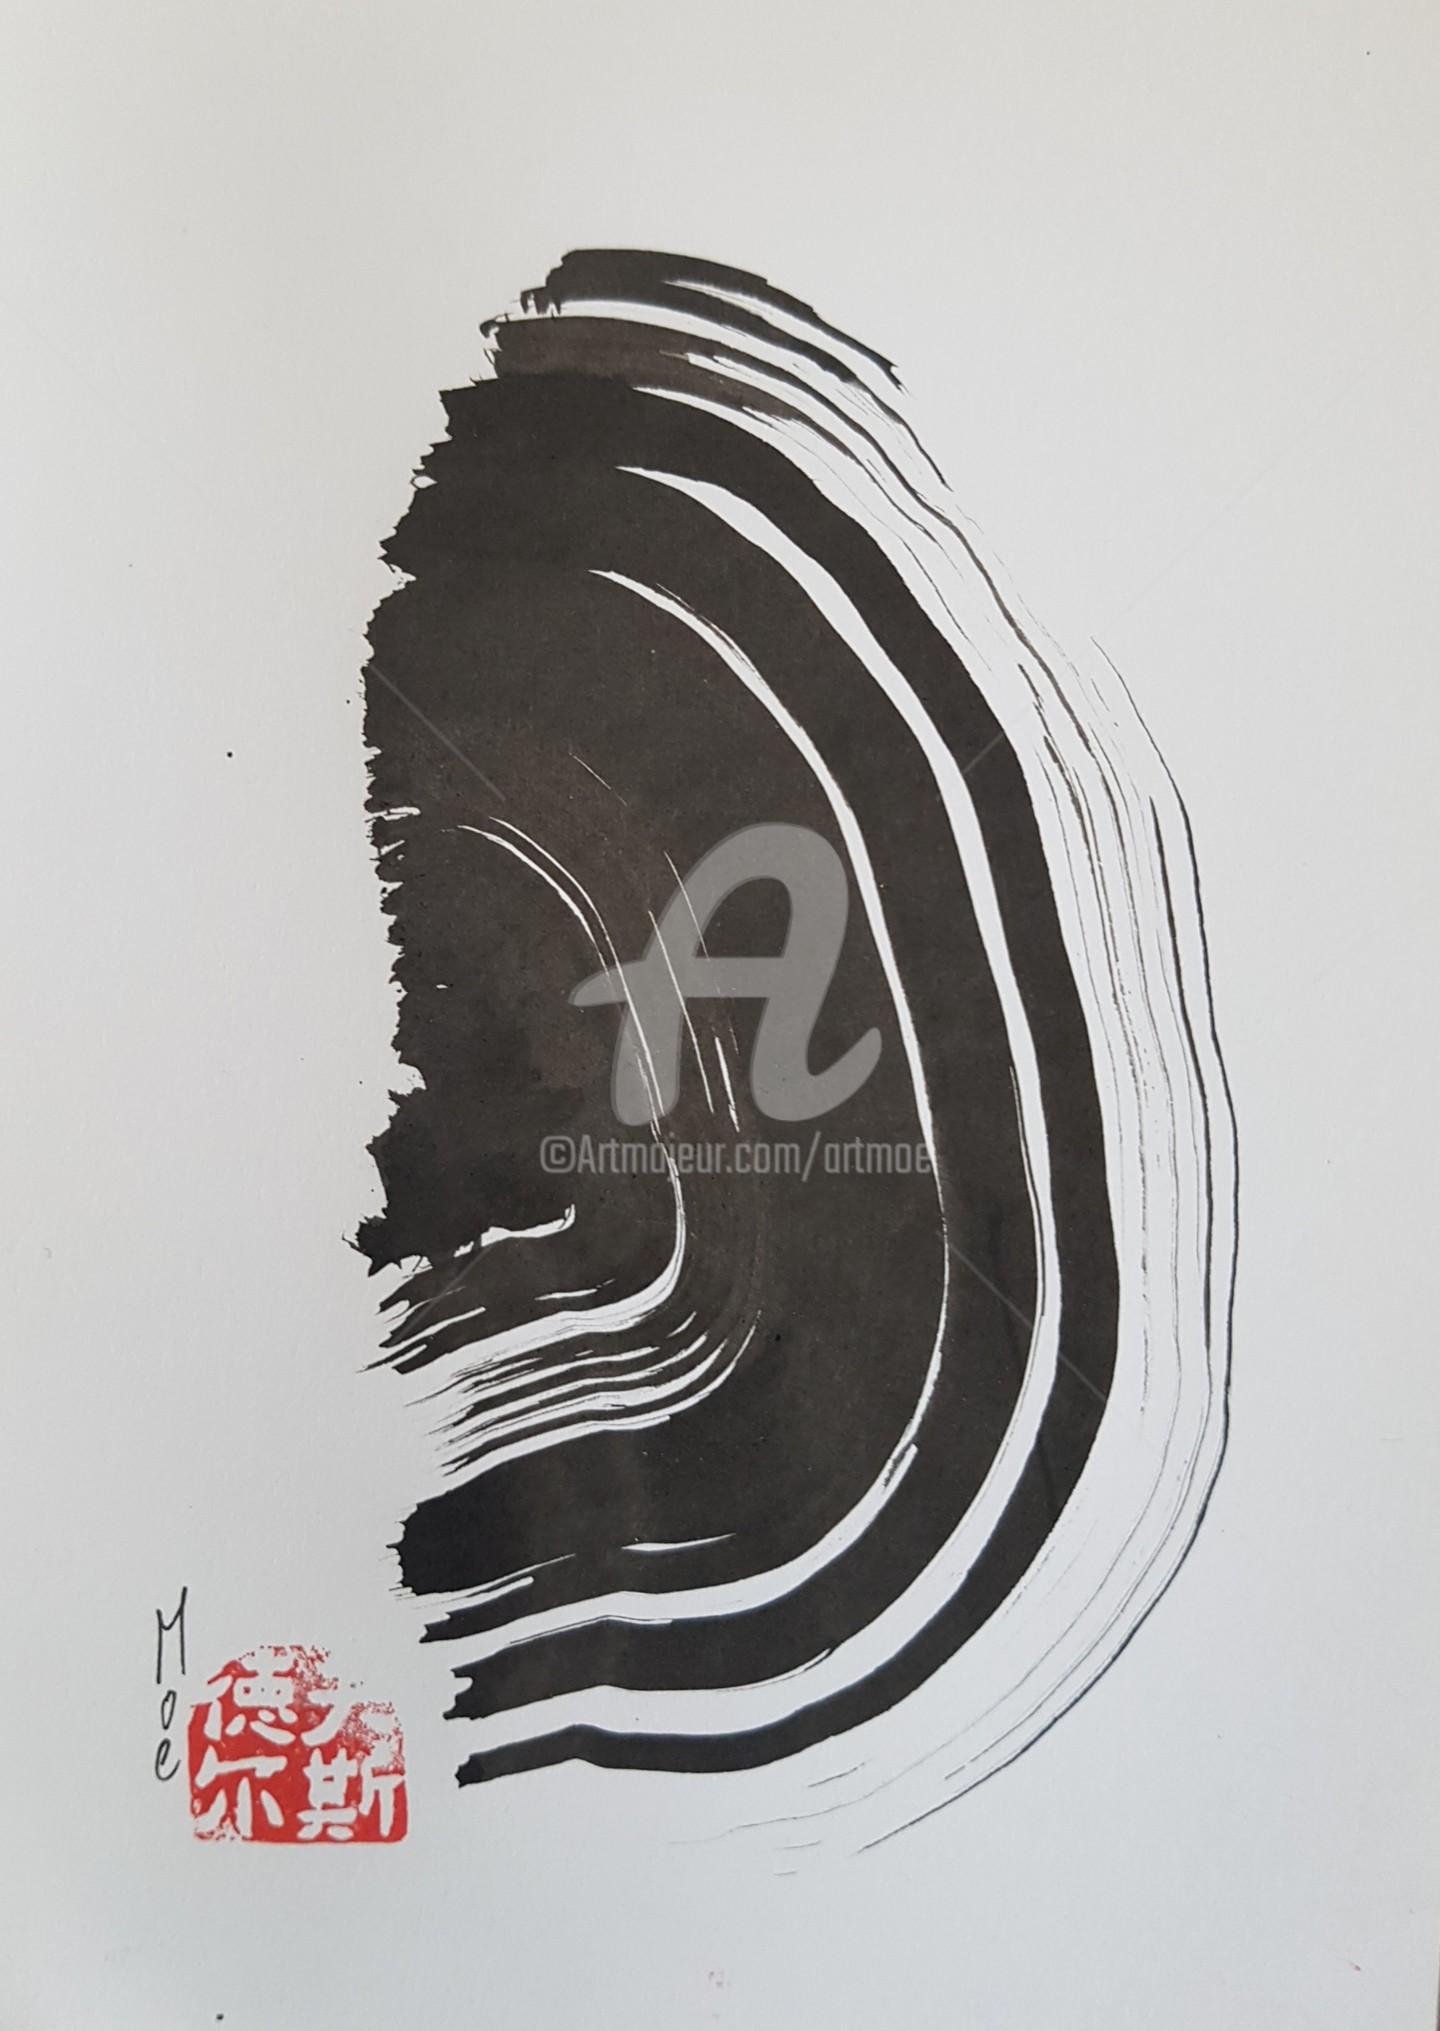 Art Moé - Sumi e Contemporary #4